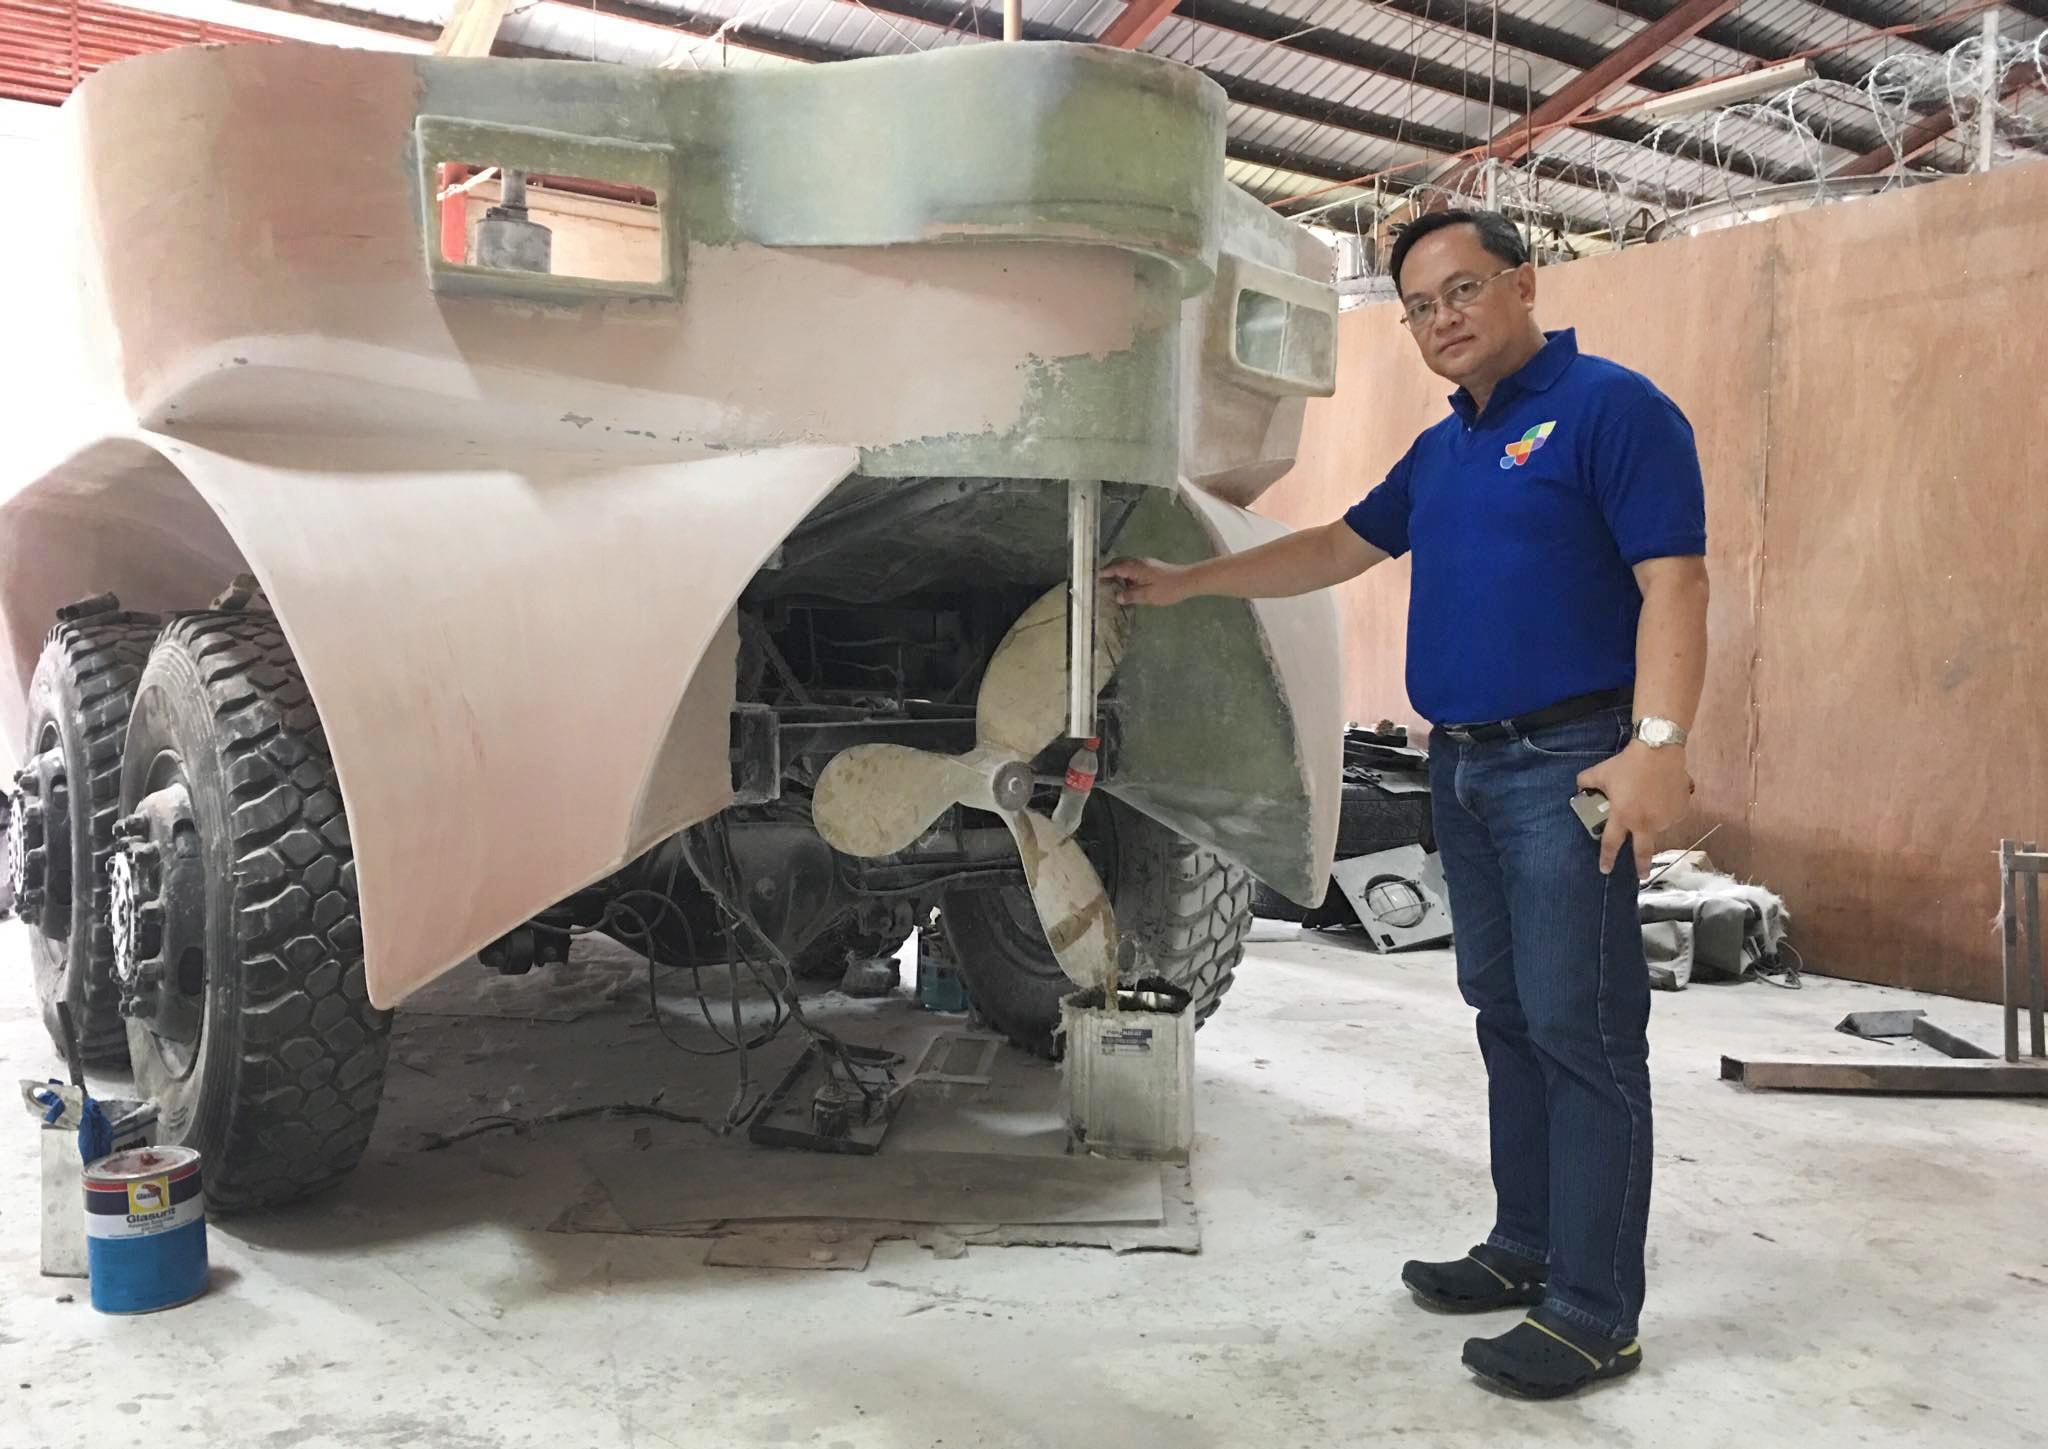 Julius Caesar V. Sicat, diretor regional do Departamento de Ciência e Tecnologia das Filipinas, defende um protótipo de veículo de resgate anfíbio projetado para salvar vidas em caso de grandes inundações.Foto cedida por Ryan de Lara.